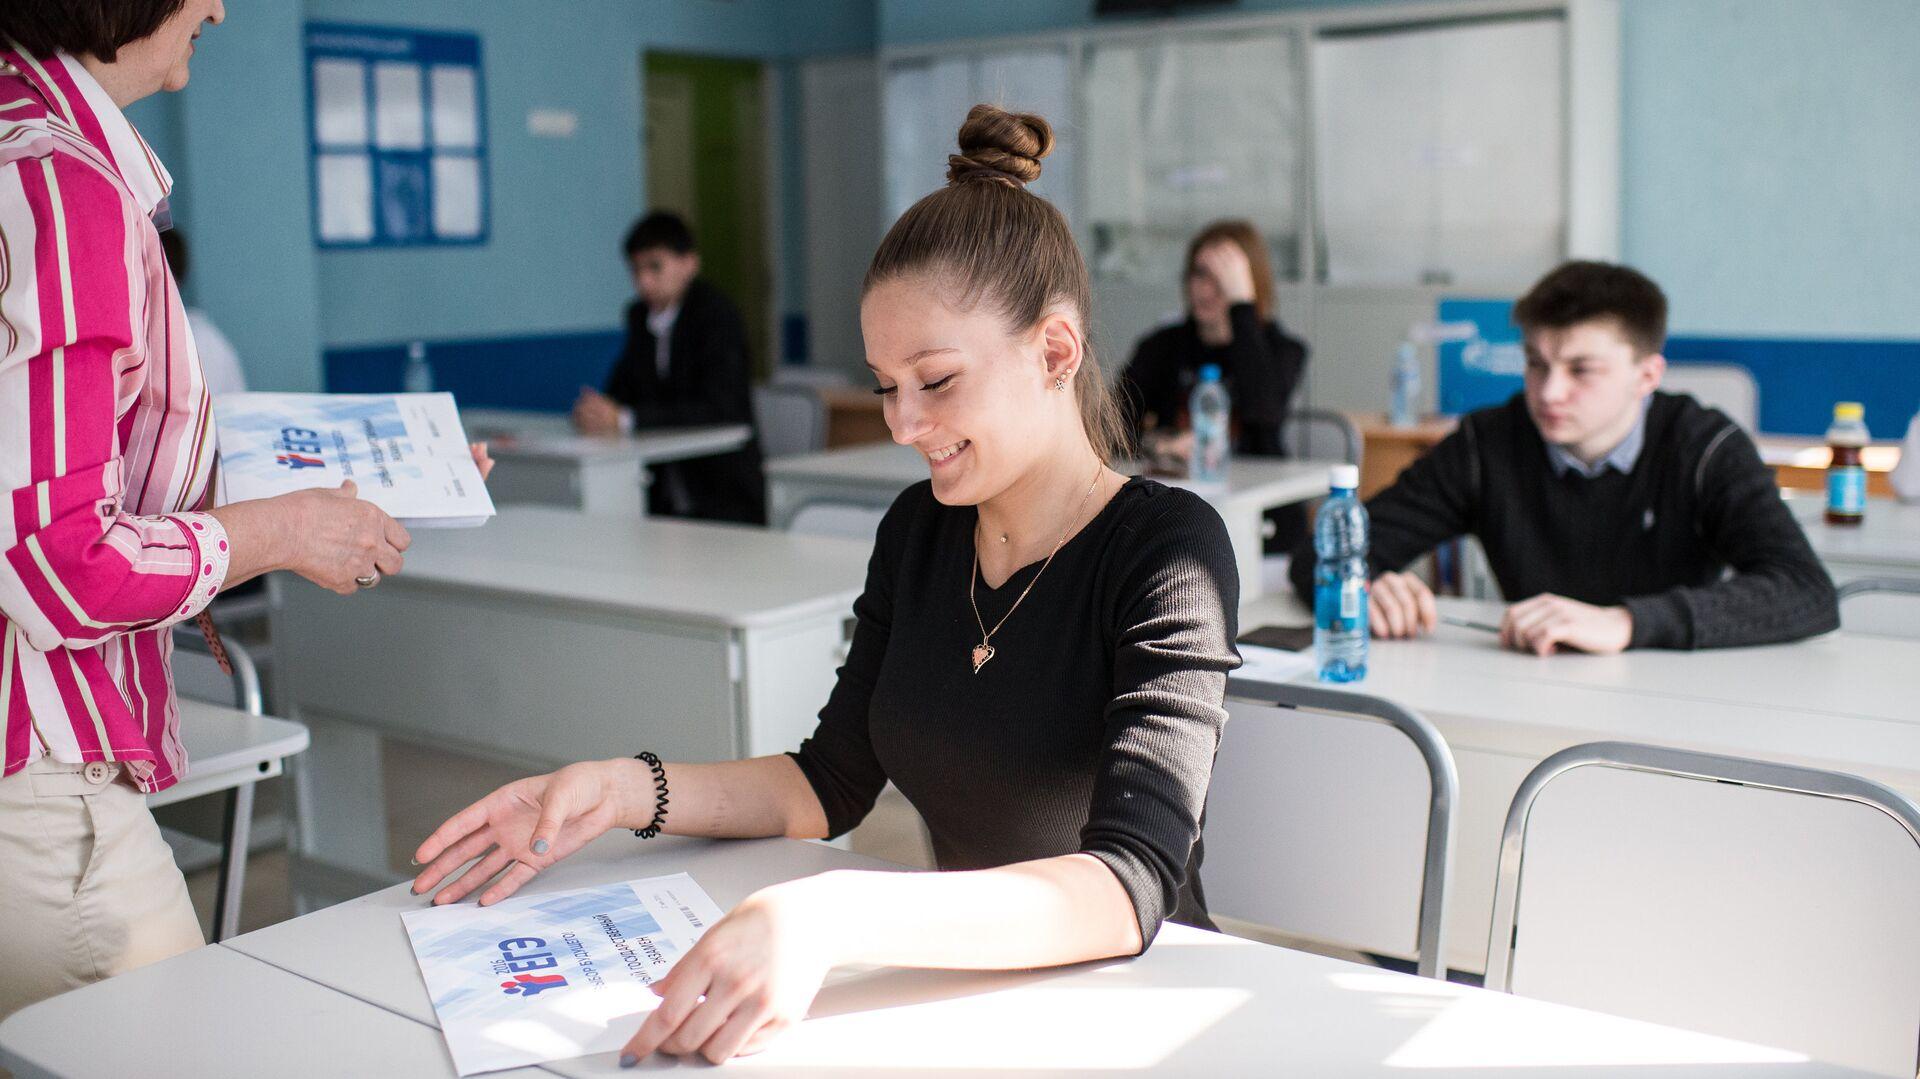 Преподаватель раздает пакеты с экзаменационными заданиями перед началом единого государственного экзамена по географии - РИА Новости, 1920, 10.06.2021